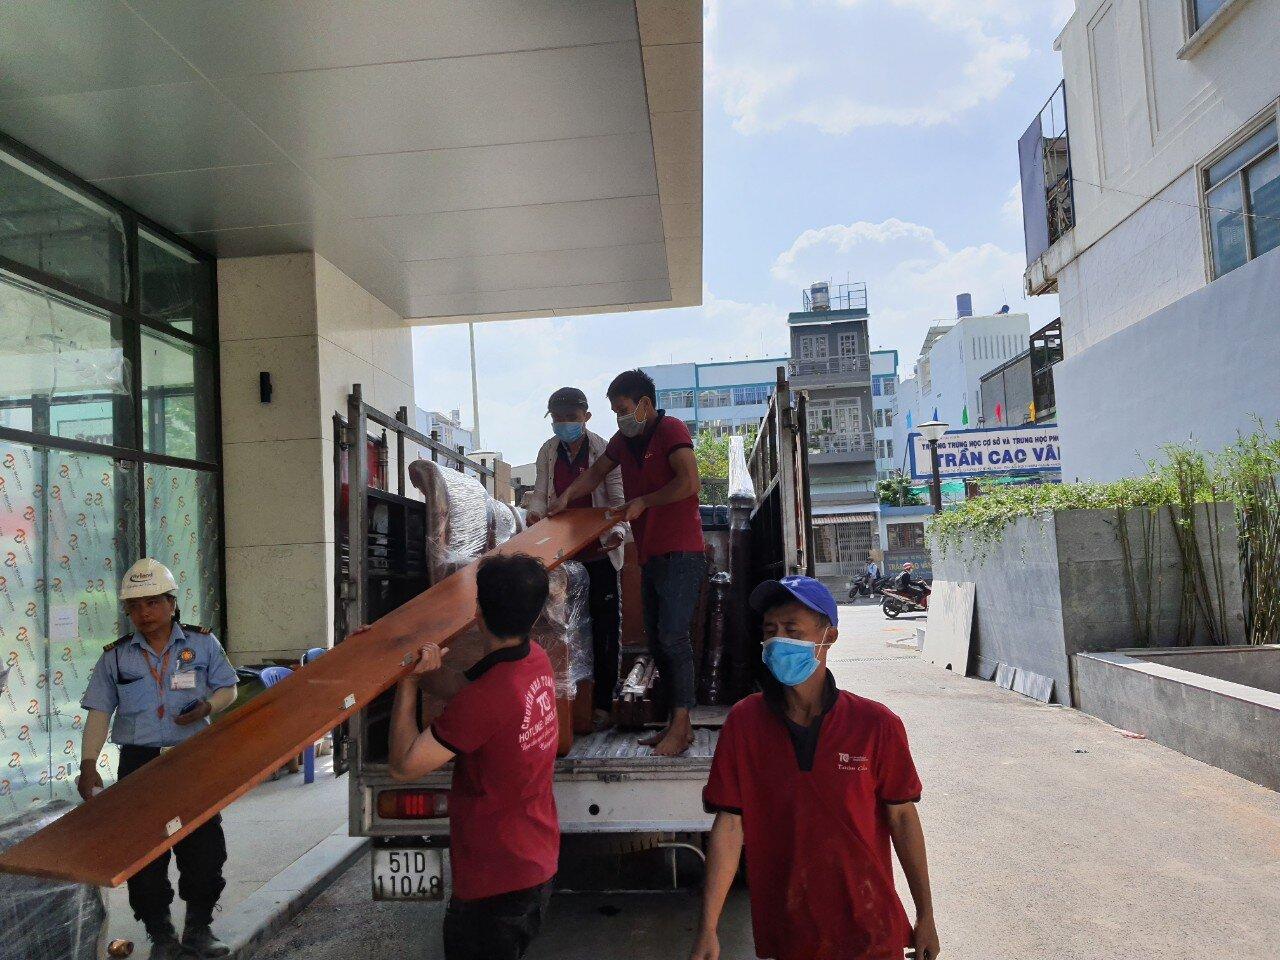 Dịch vụ xe tải chuyển văn phòng Quận Gò Vấp